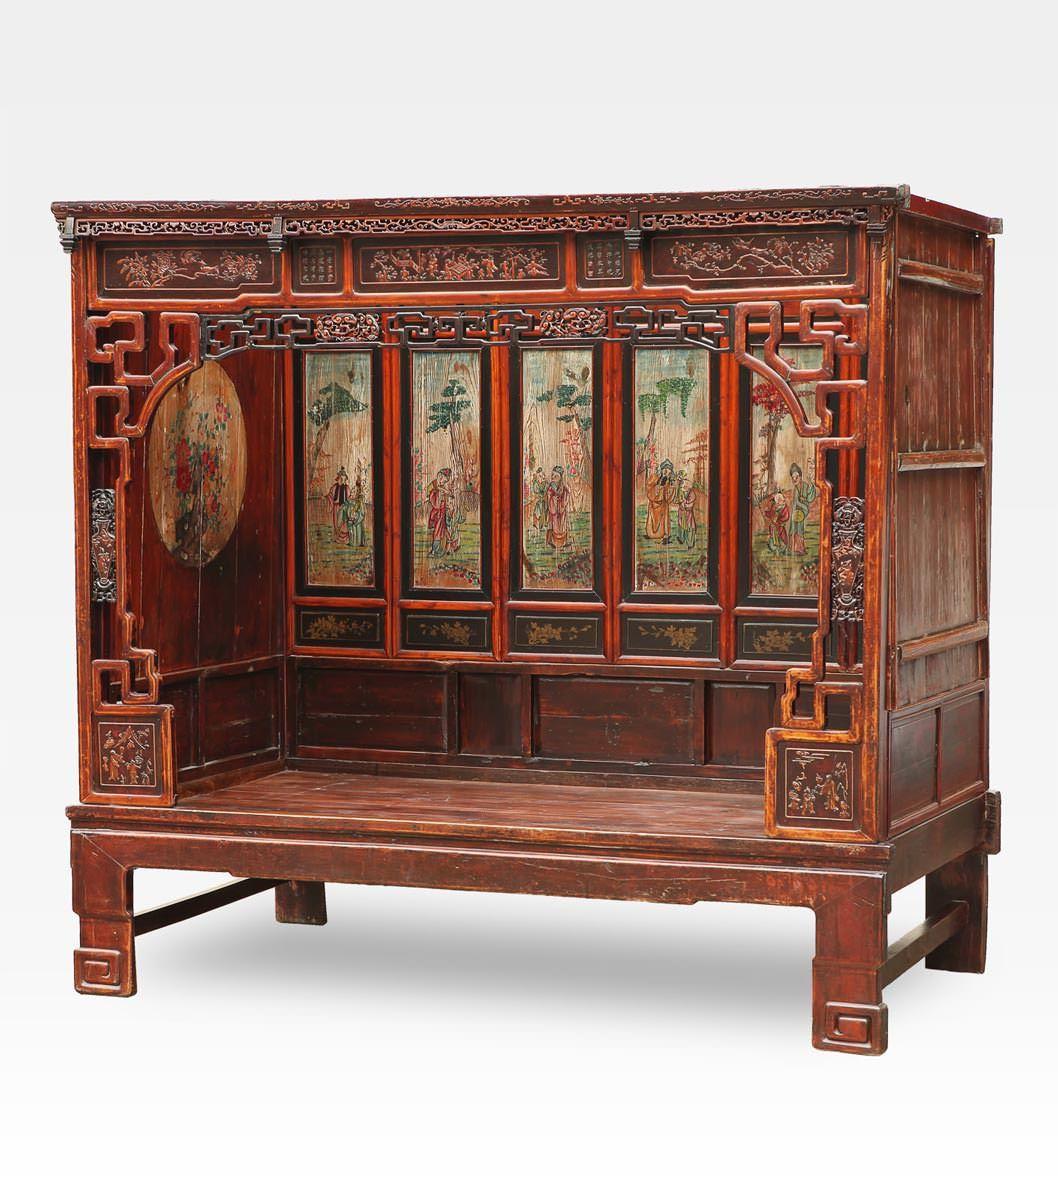 Cod. 0013-0169) Antico letto cinese in legno di olmo. Un pezzo di ...